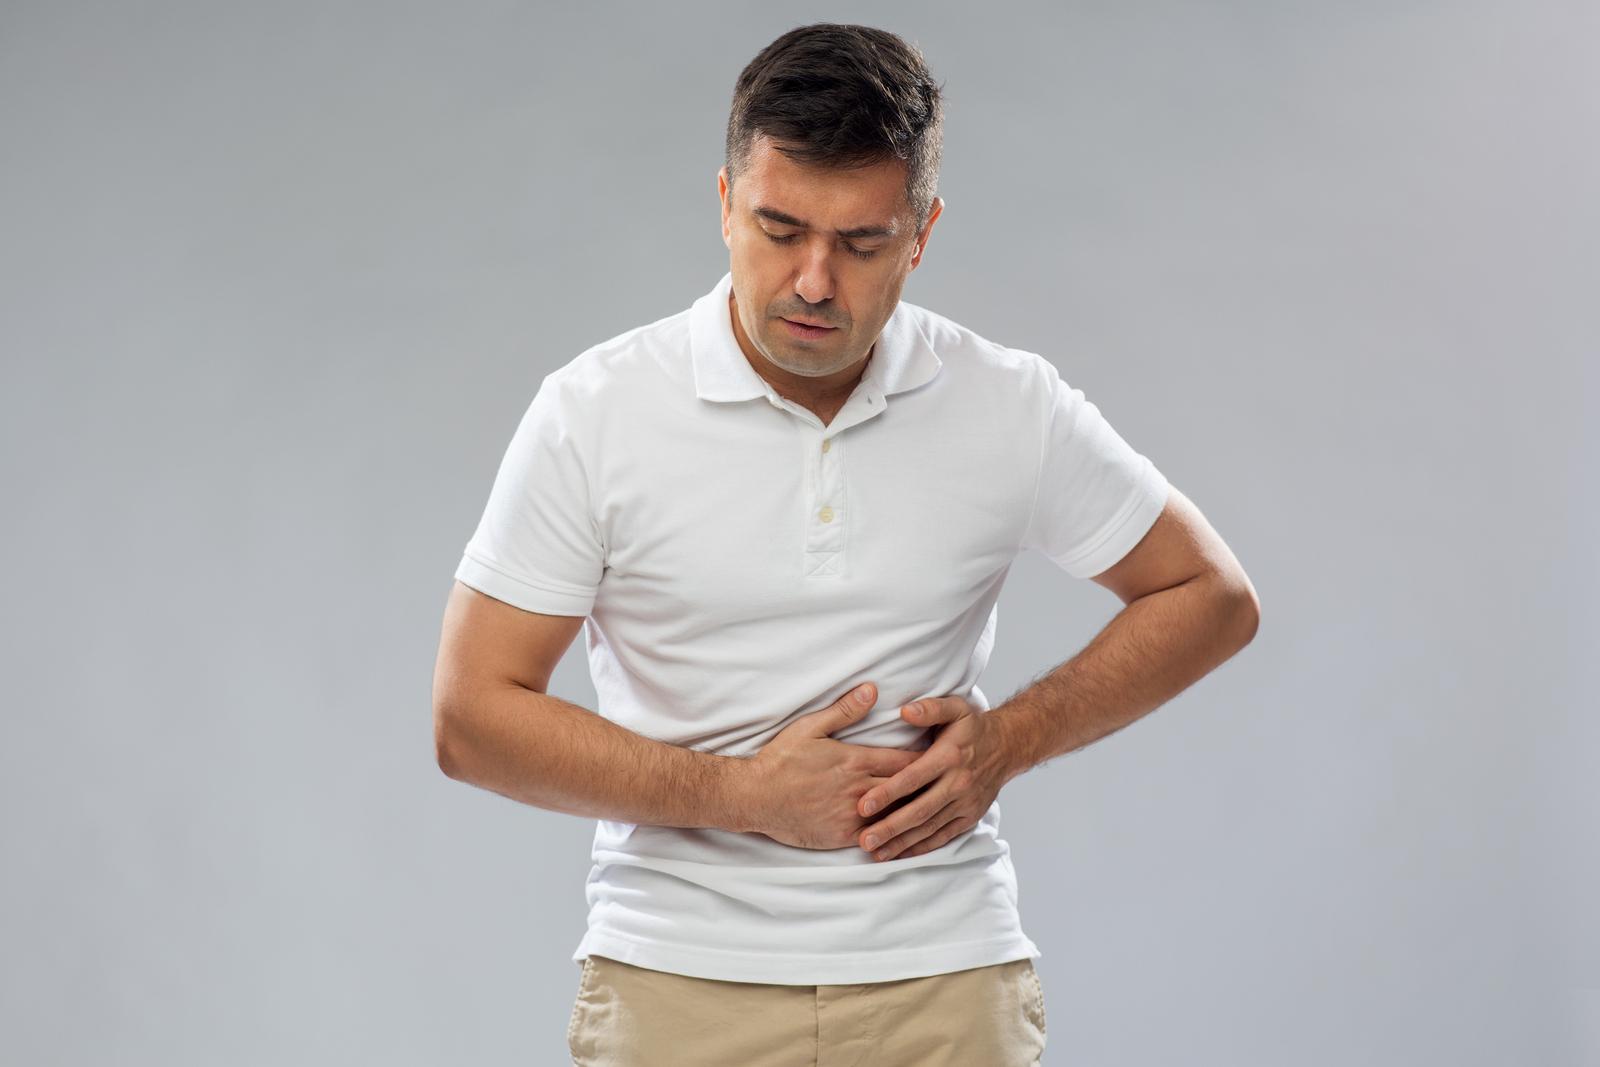 zespół jelita wrażliwego objawy, leczenie dieta